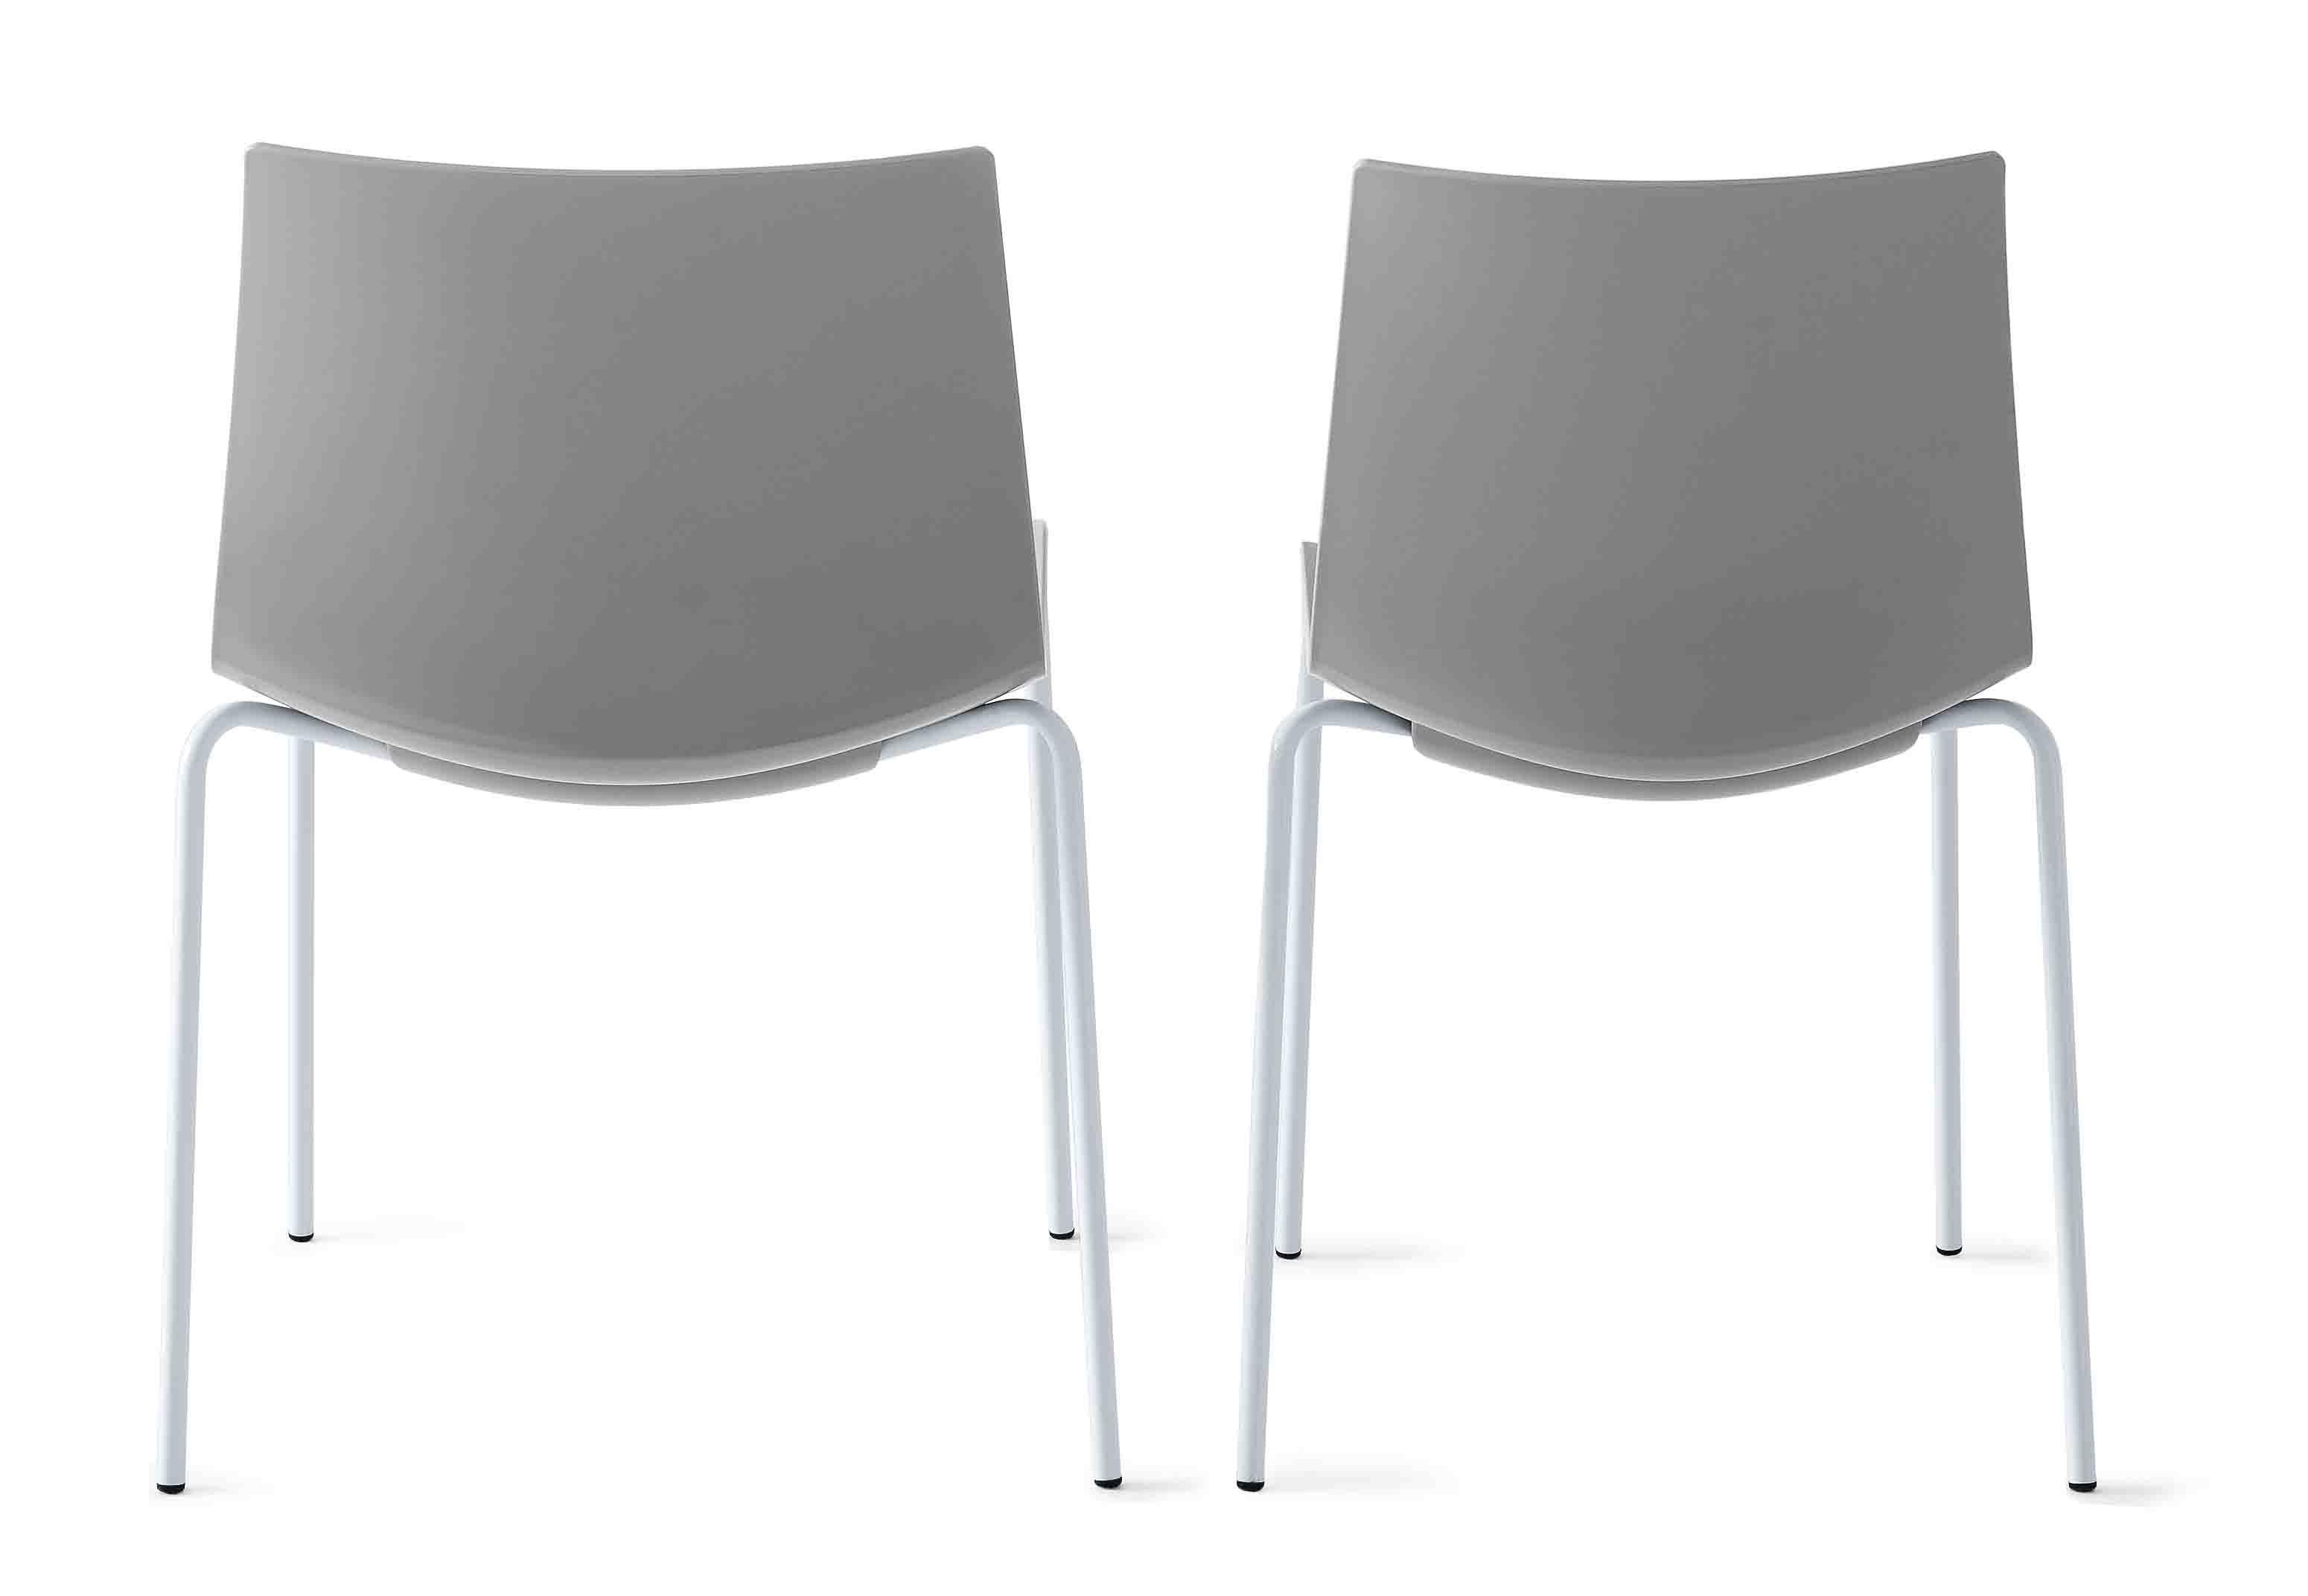 Gaber Stuhl Canvas Designermobel Von Raum Und Form Stuhle Haus Deko Bequeme Stuhle